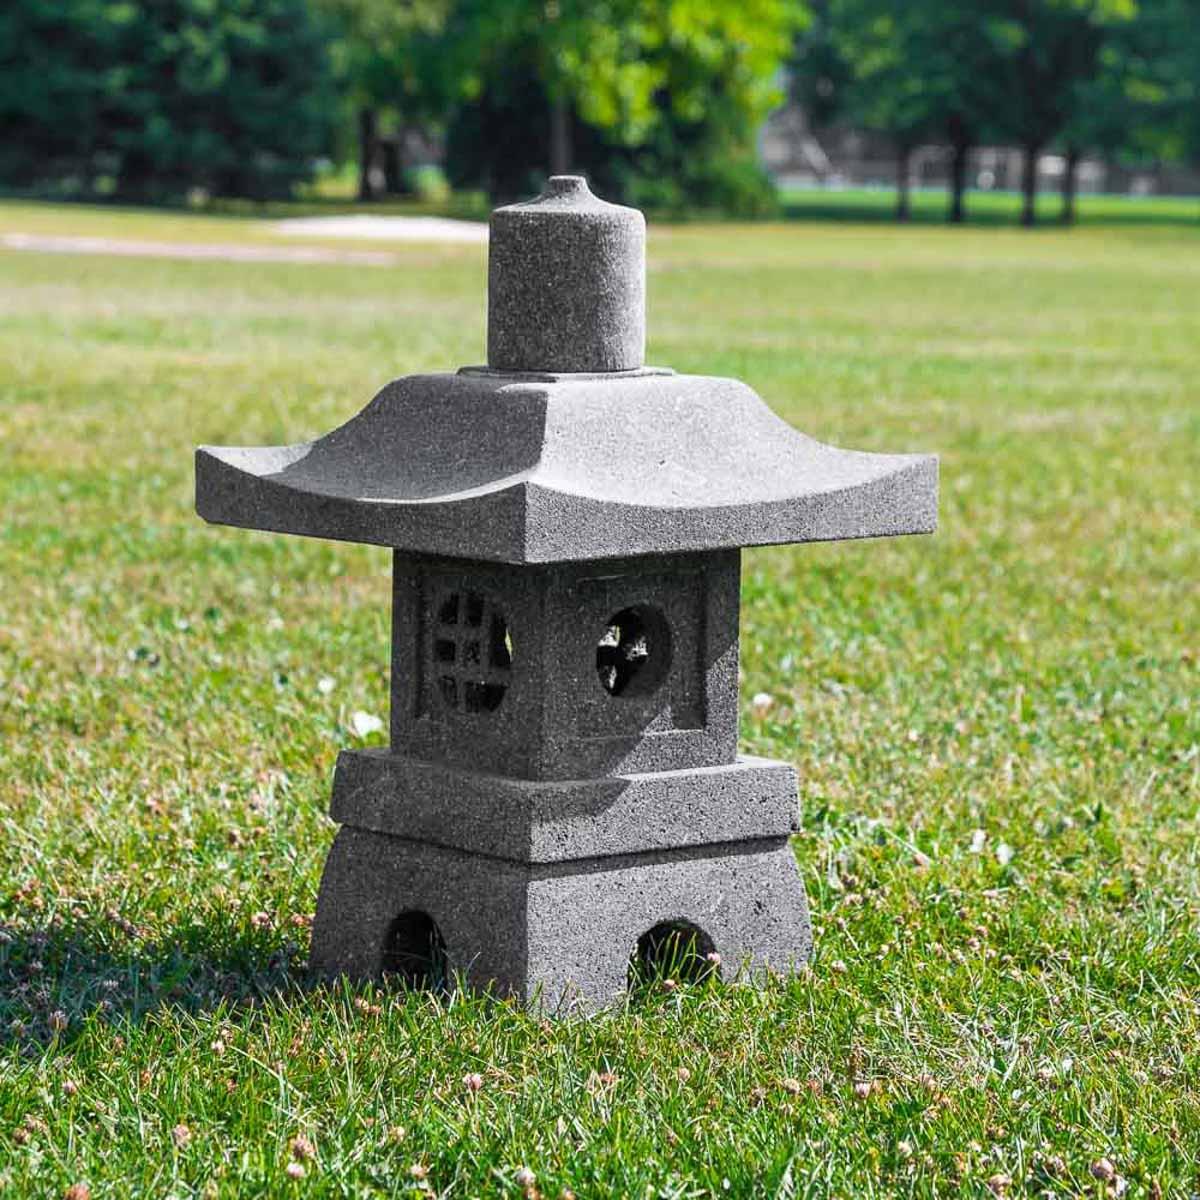 Wanda Collection Lanterne de jardin japonais en pierre de lave 55cm